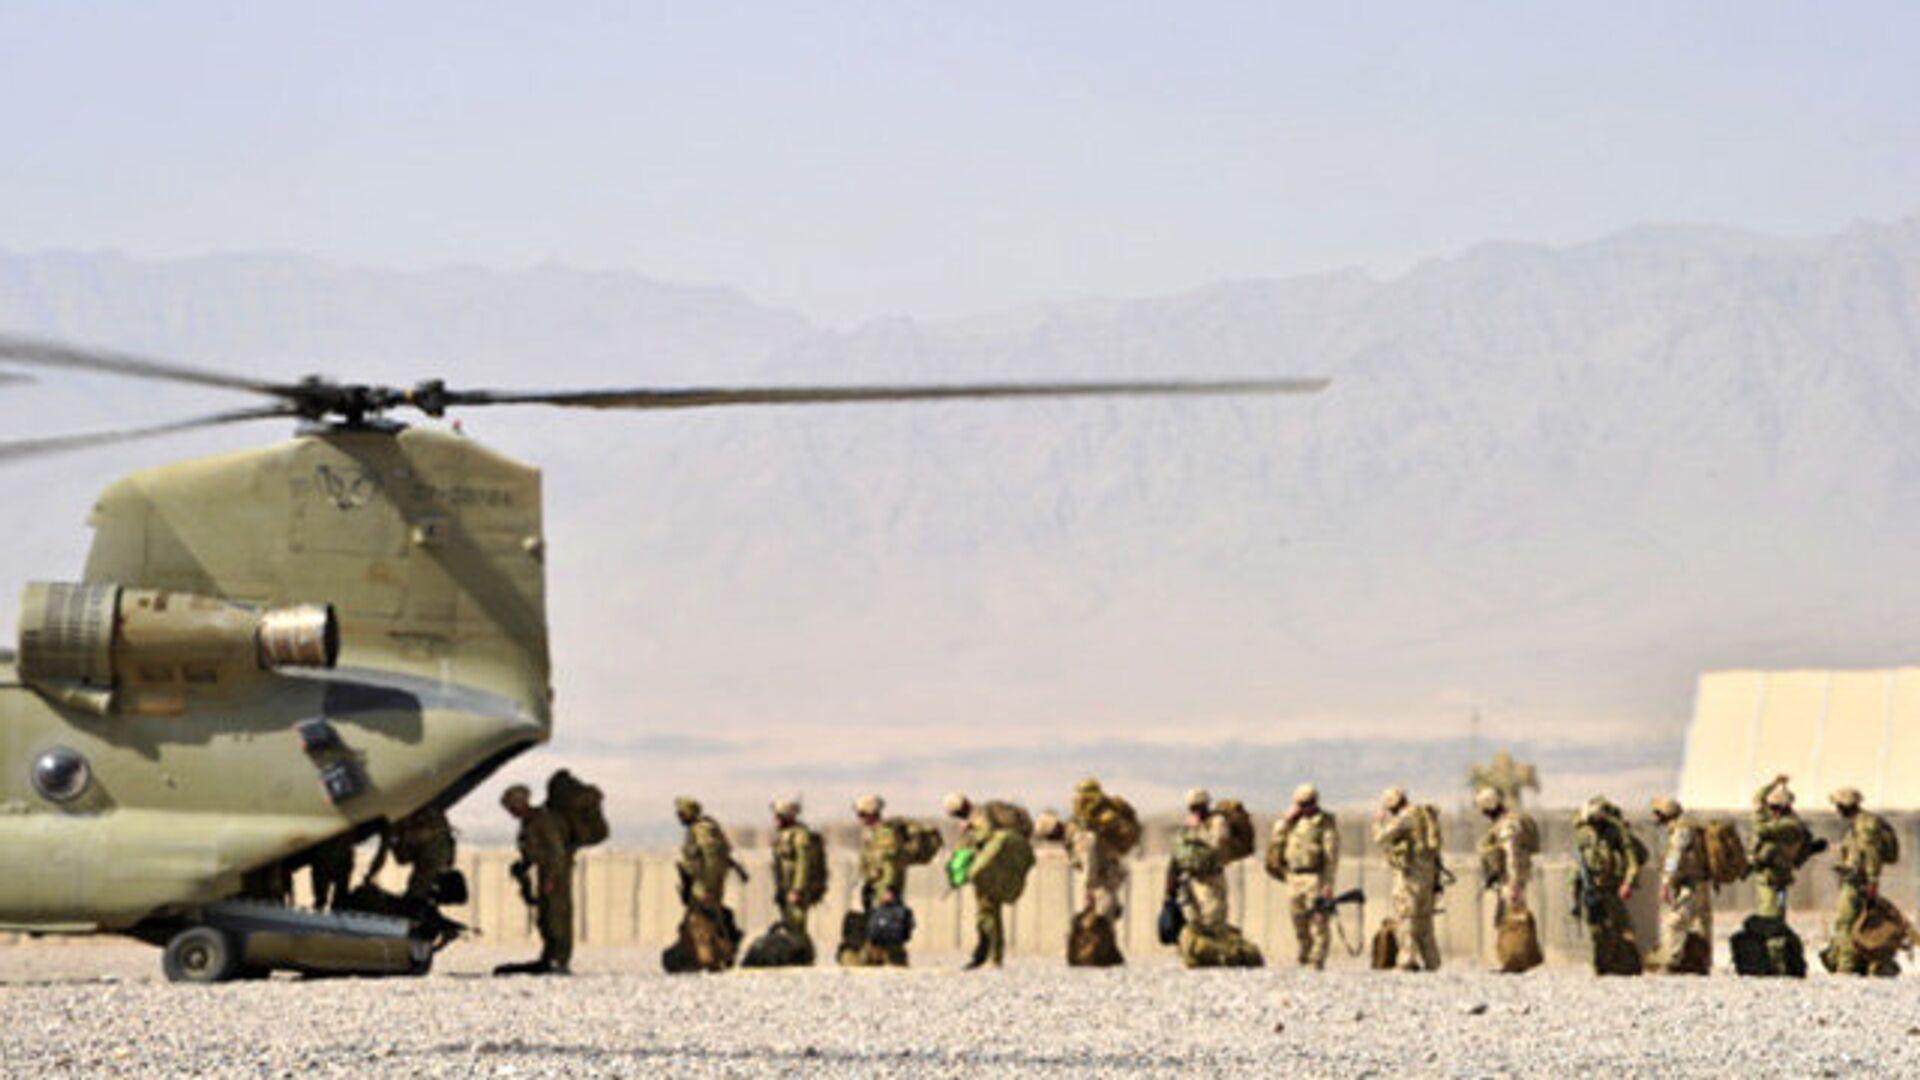 Солдаты Австралийской армии загружаются в вертолет Chinook, чтобы вылететь на патрульные базы в провинции Урузган на юге Афганистана - РИА Новости, 1920, 08.06.2018